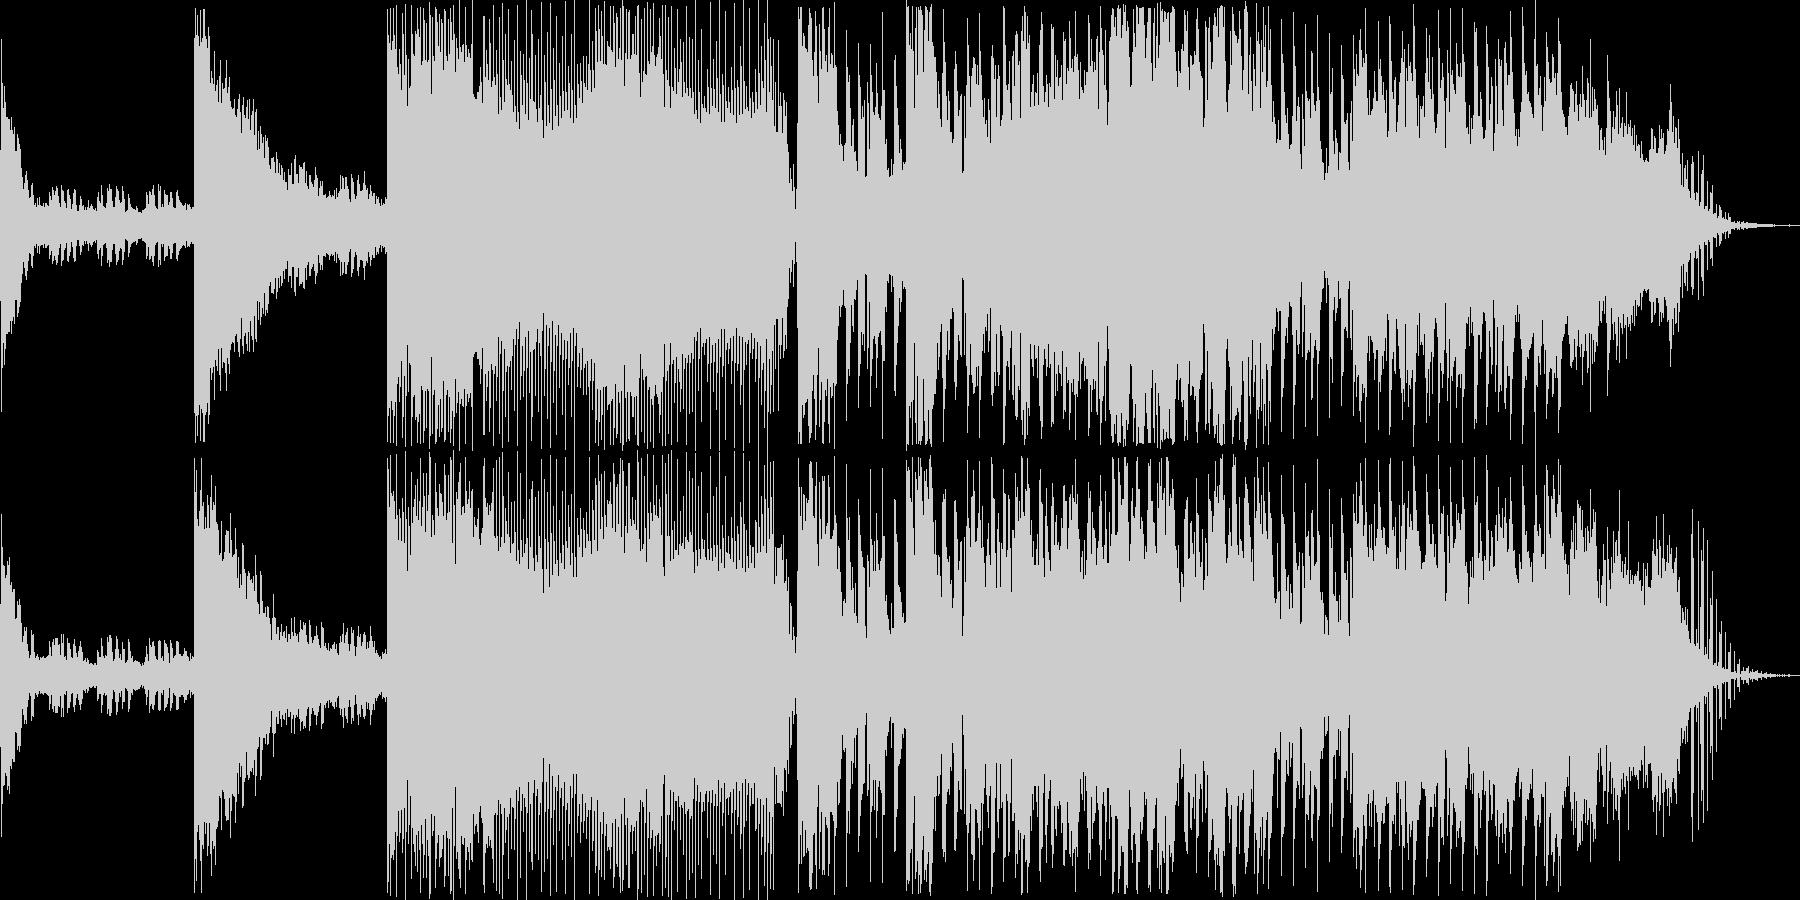 民族ボイス+アンビエント+パーカッショ…の未再生の波形